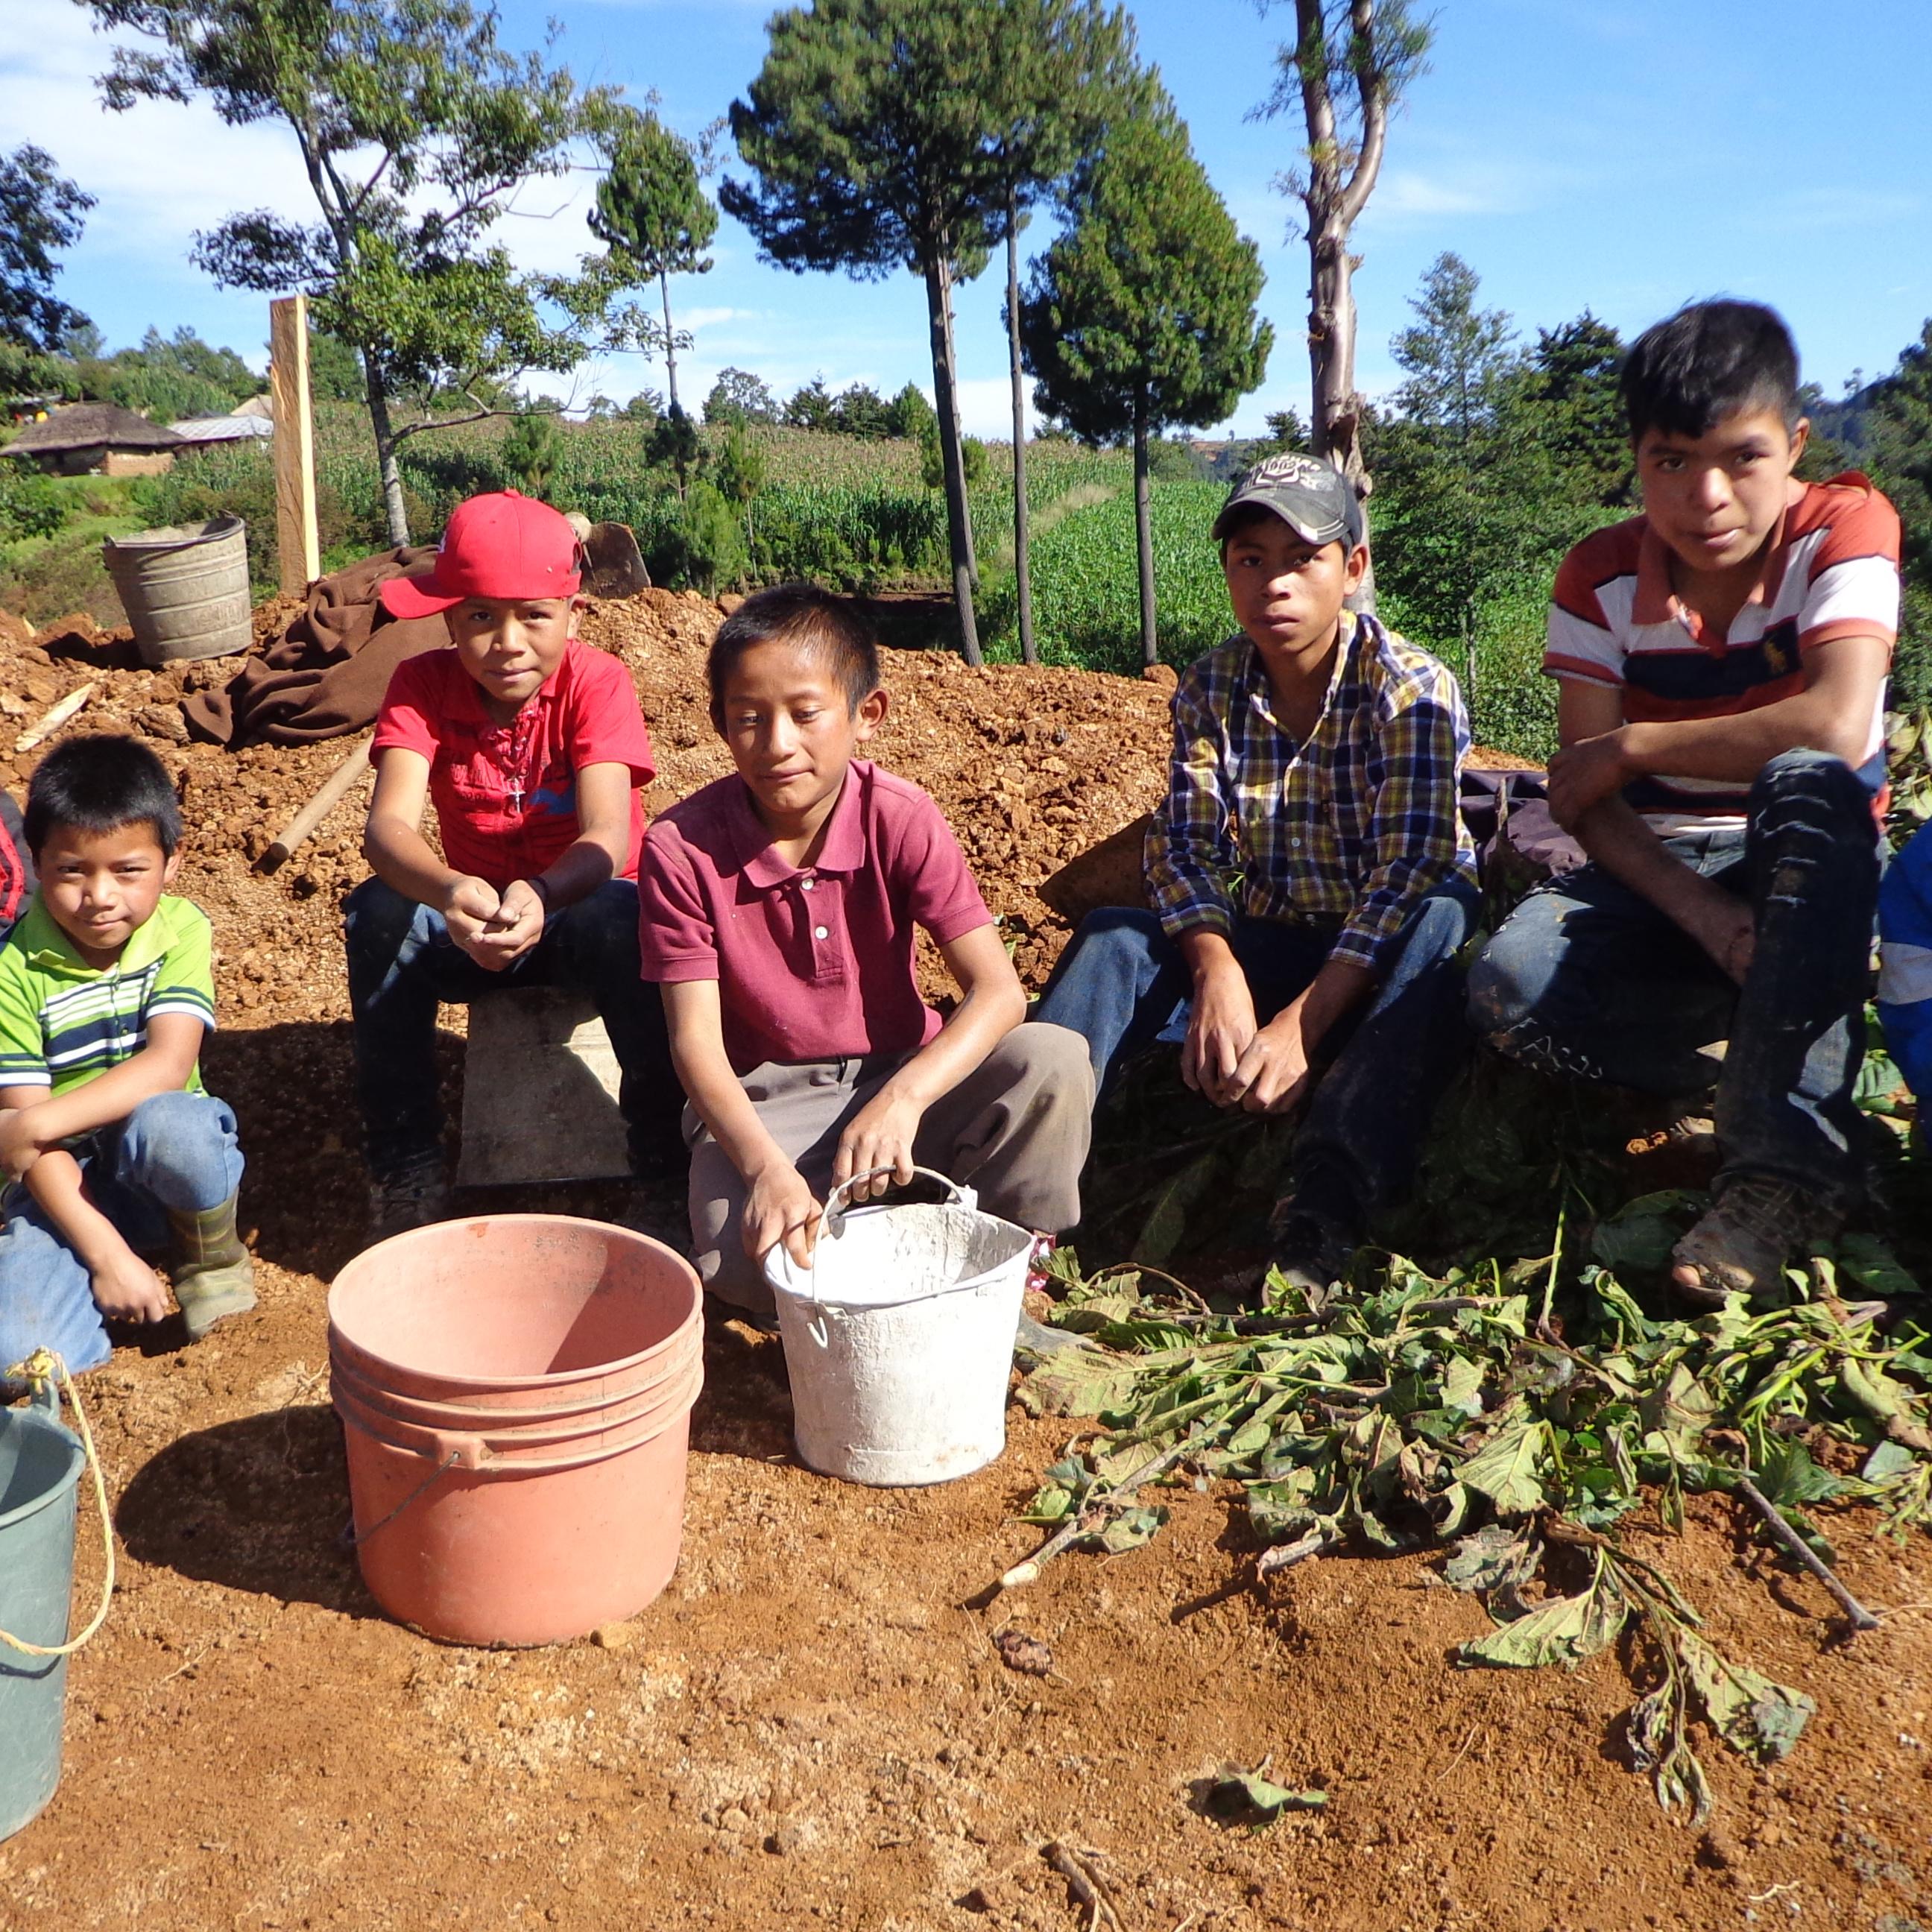 Escuela Pimma Maastricht bouwt scholen in midden-amerika